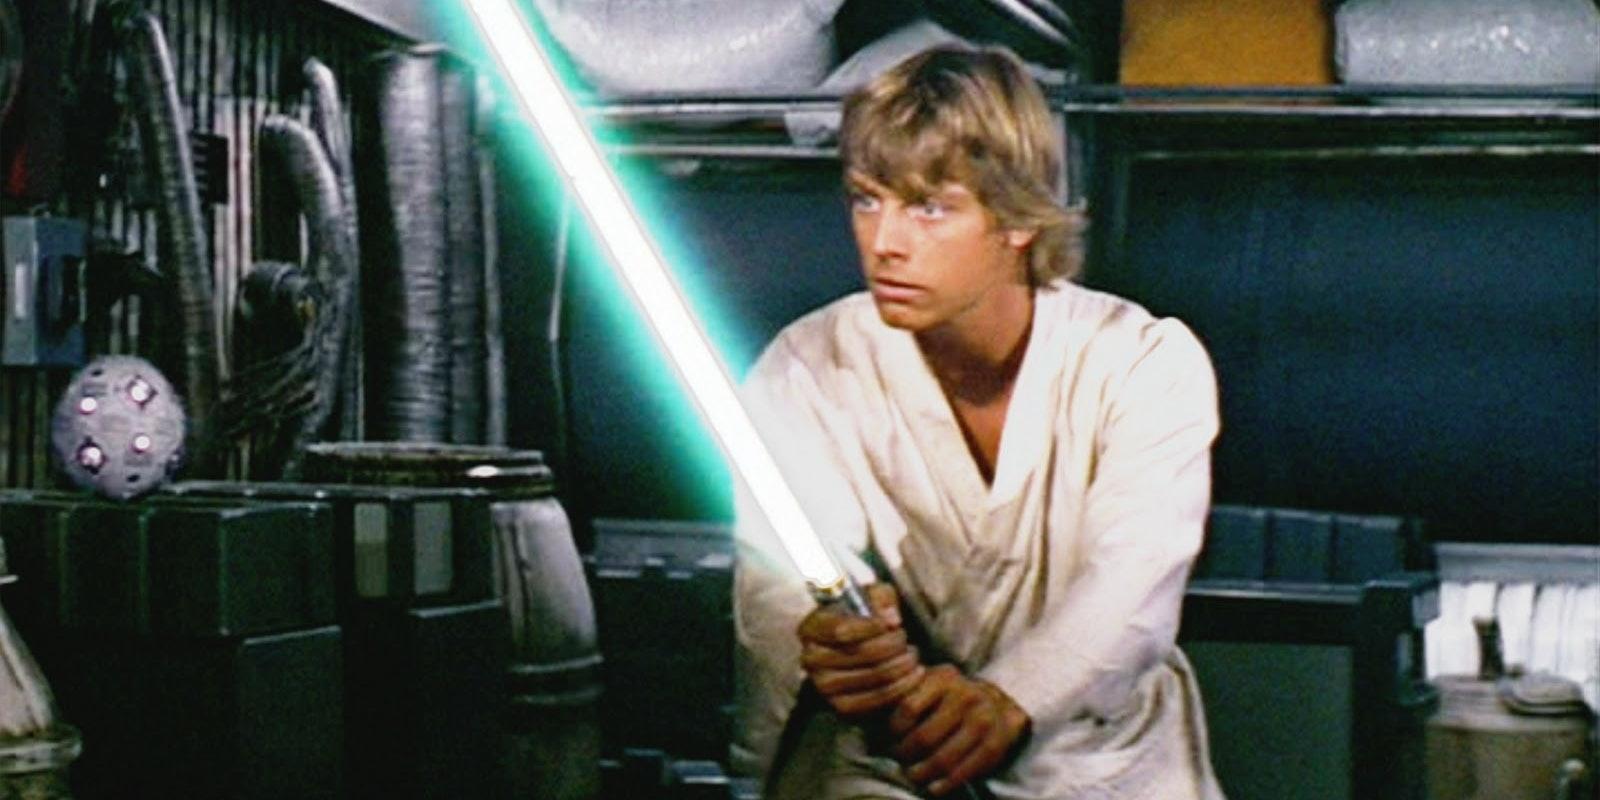 Is Luke Skywalker a Virgin?